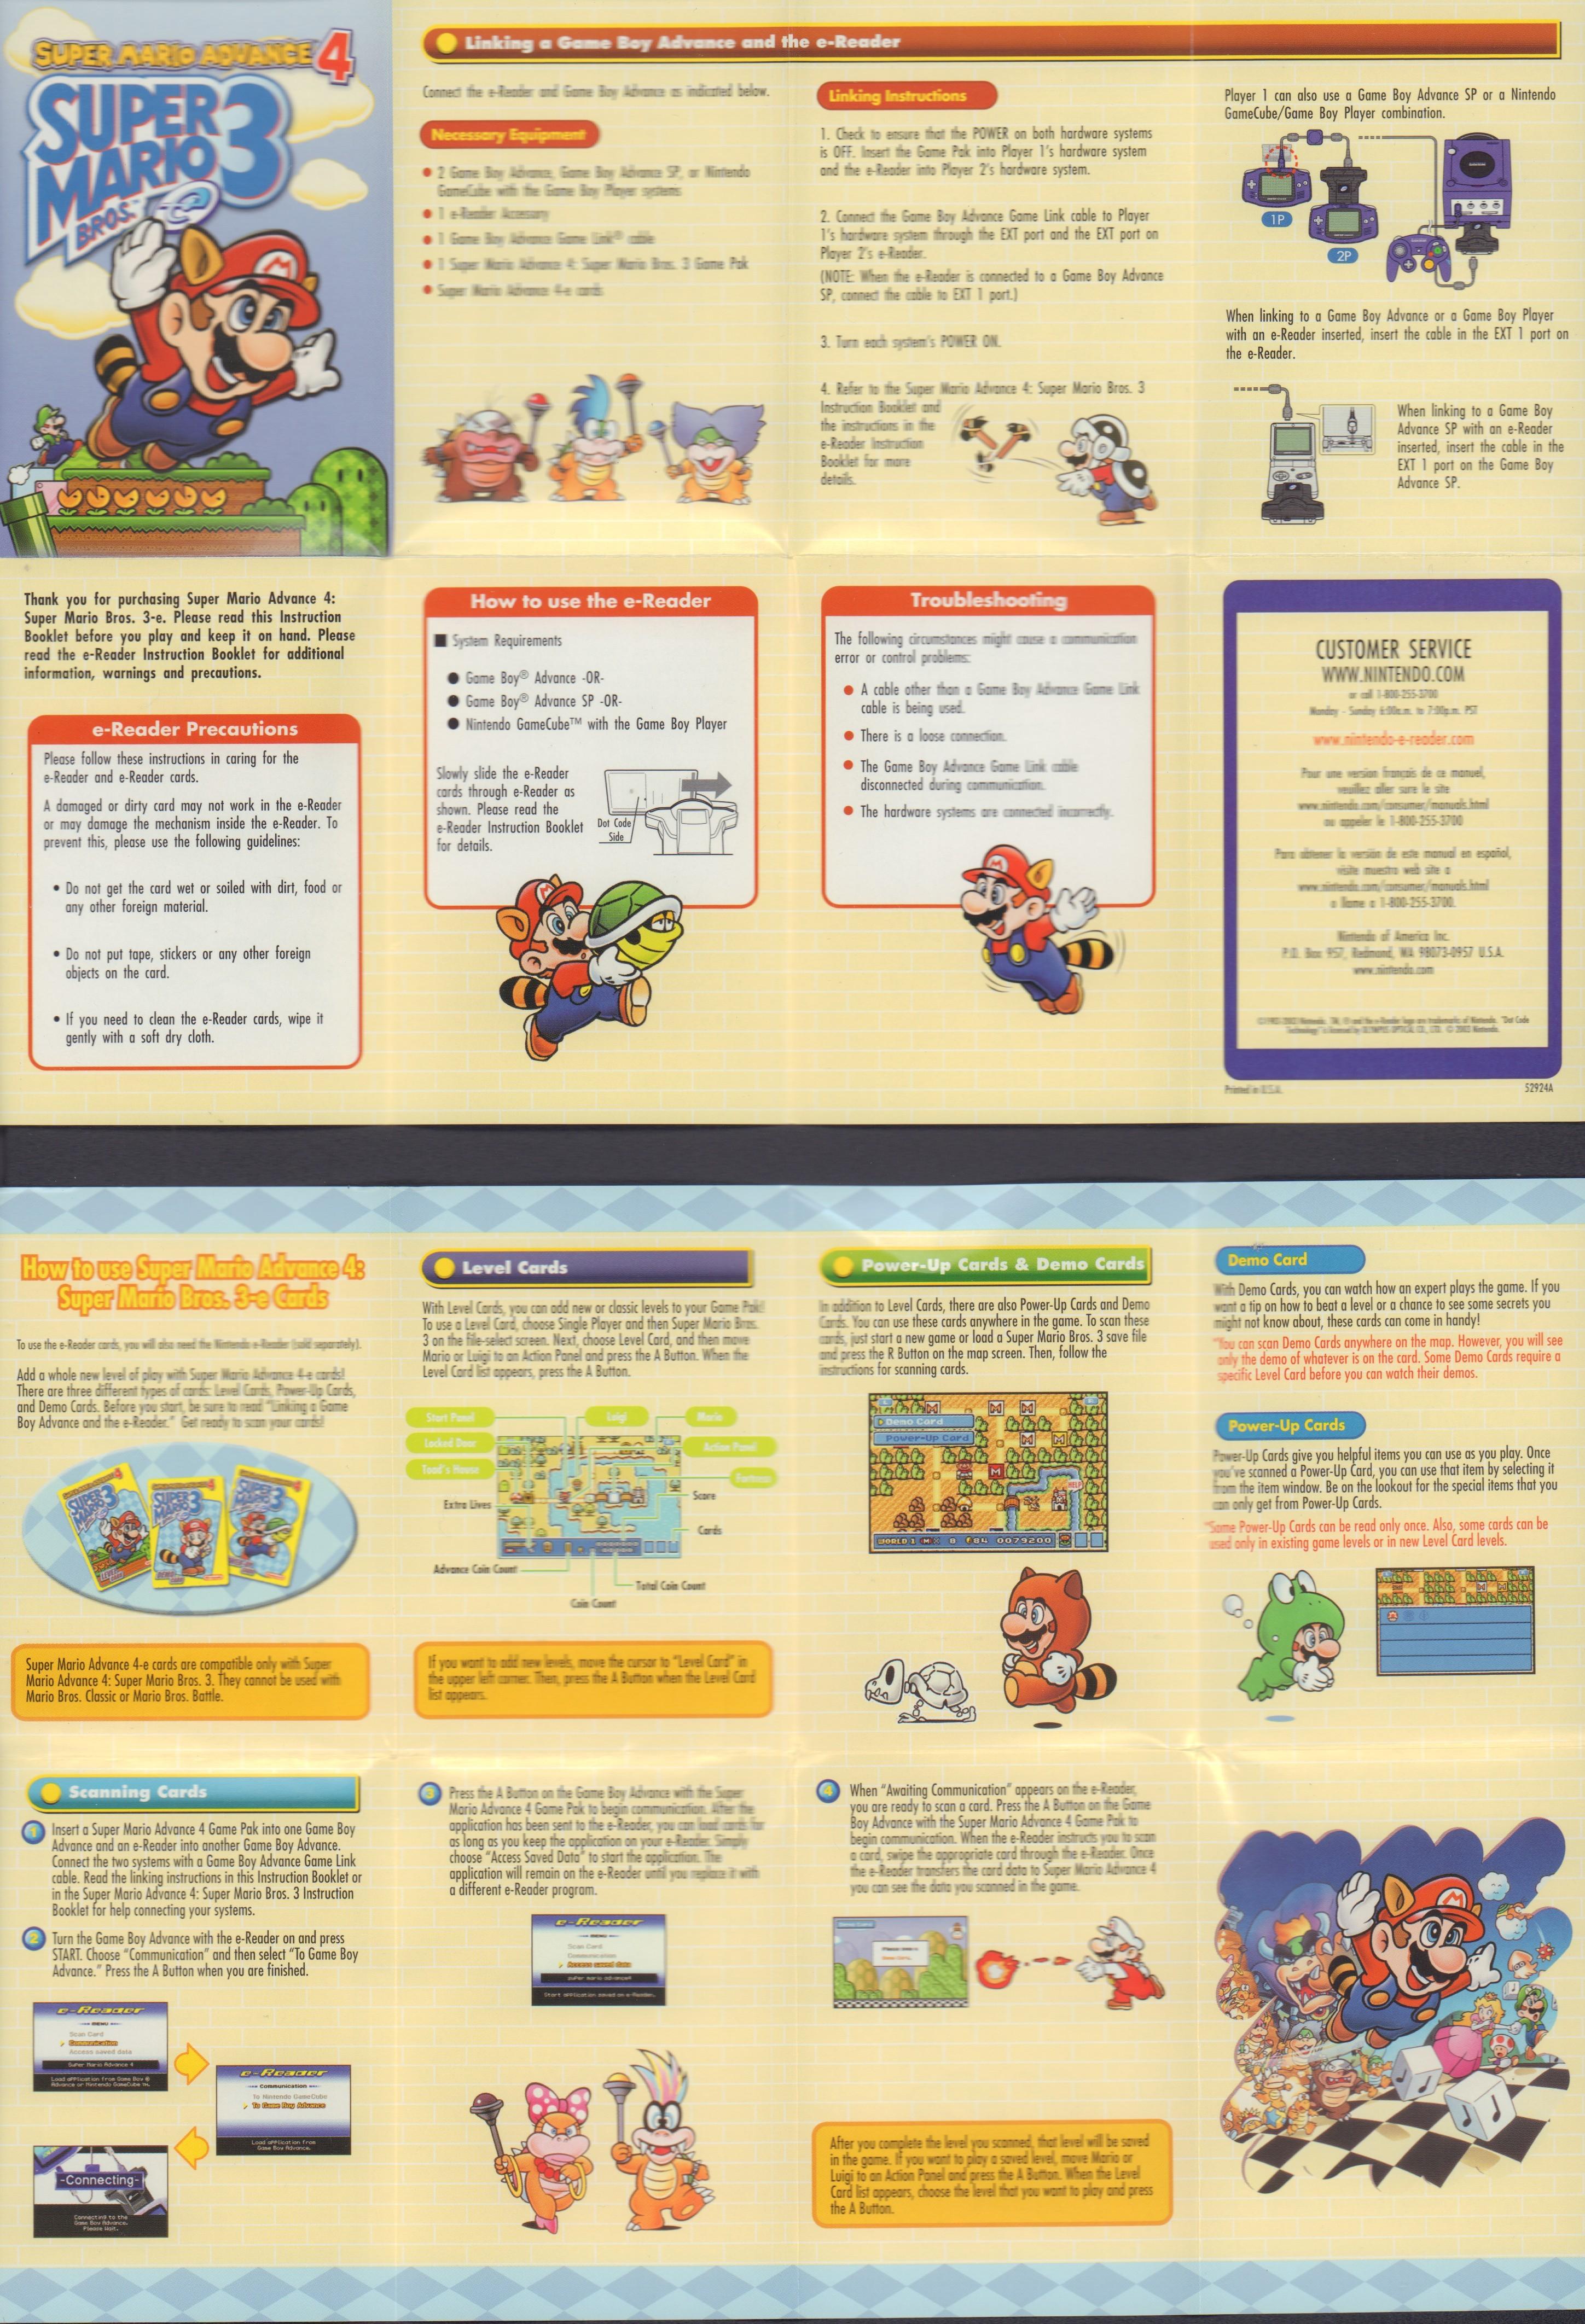 super mario advance 4 super mario bros 3 e reader cards digital rh digitalgamemuseum org 1985 Super Mario Comics Super Mario World Booklet